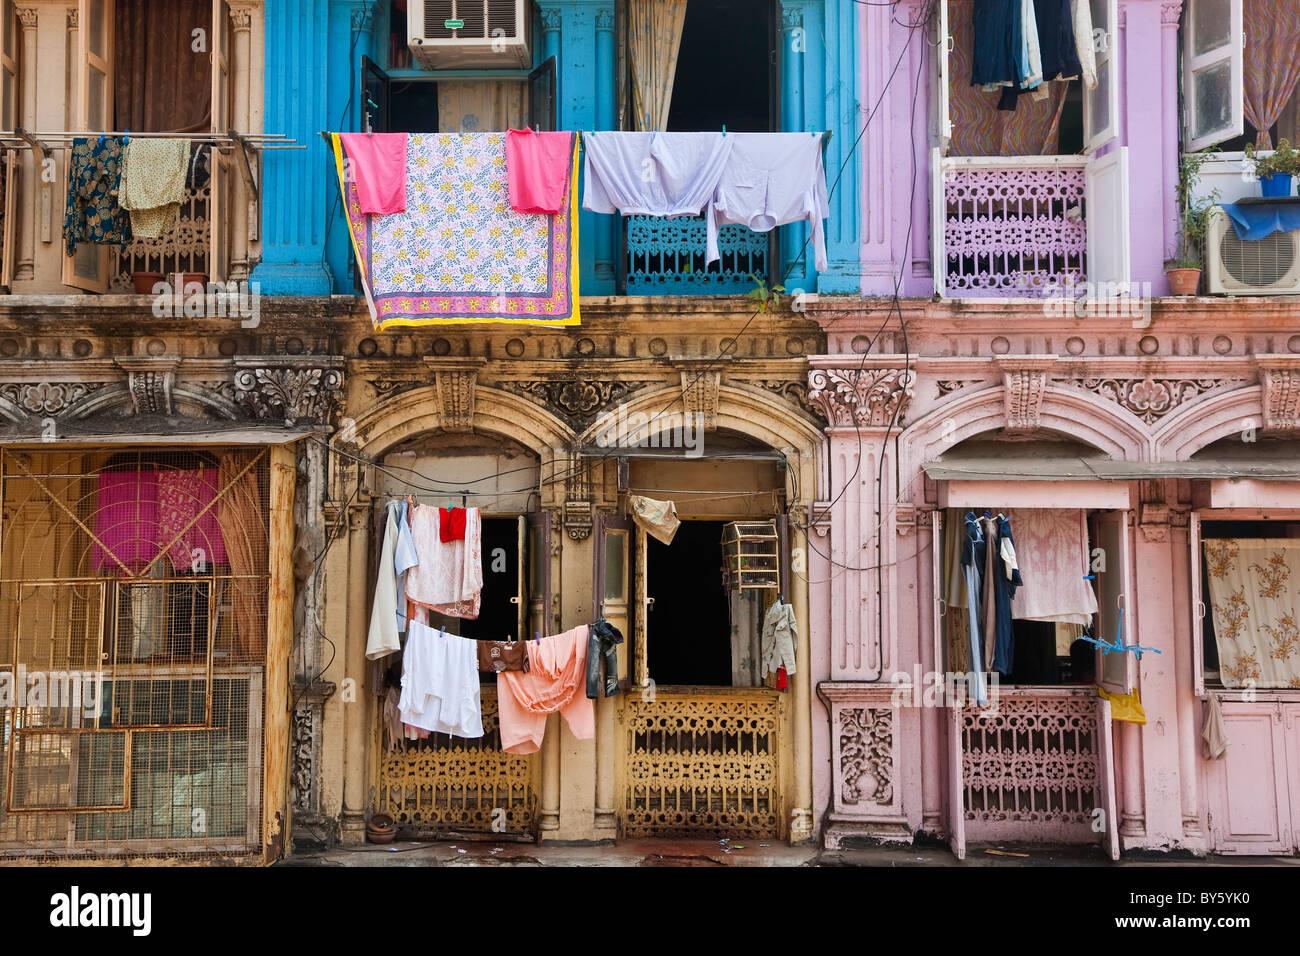 Washing drying outside flats, Mumbai (Bombay), India Stock Photo